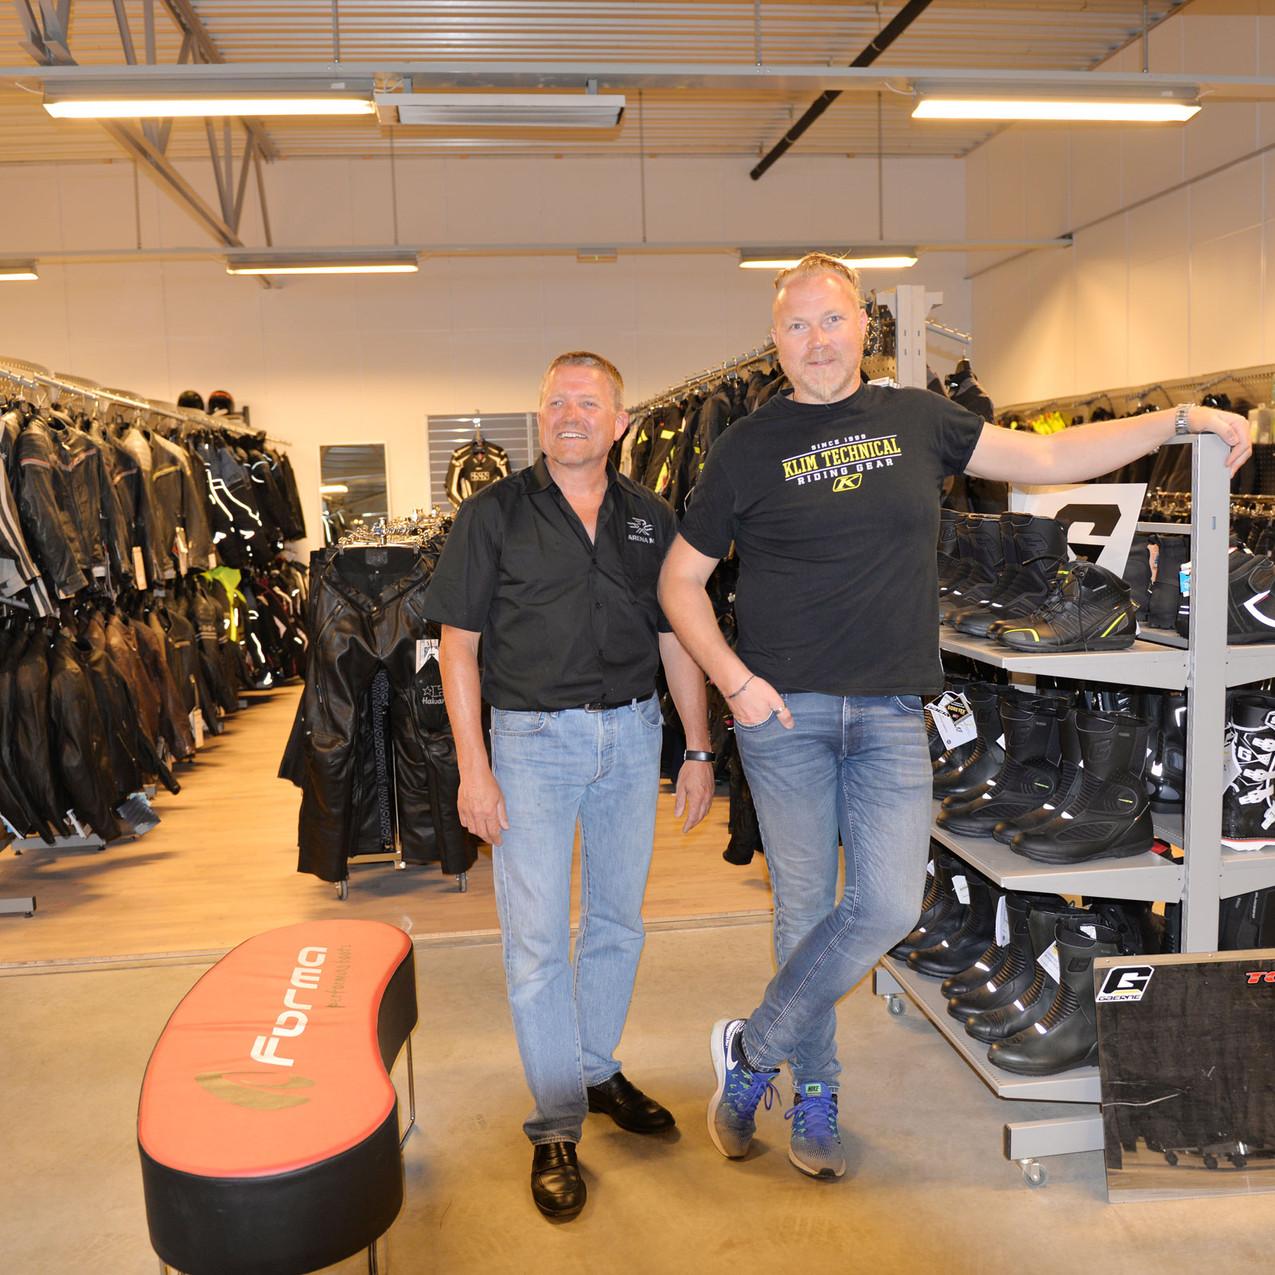 Daglig leder Jan Sekse (t.v.) kunne fortelle om et utrolig trøkk hele dagen. Her sammen med Viggo Hjermstad fra Ruco som blant annet leverer kjøreutstyr fra Klim og Scott, samt X-Lite hjelmer.